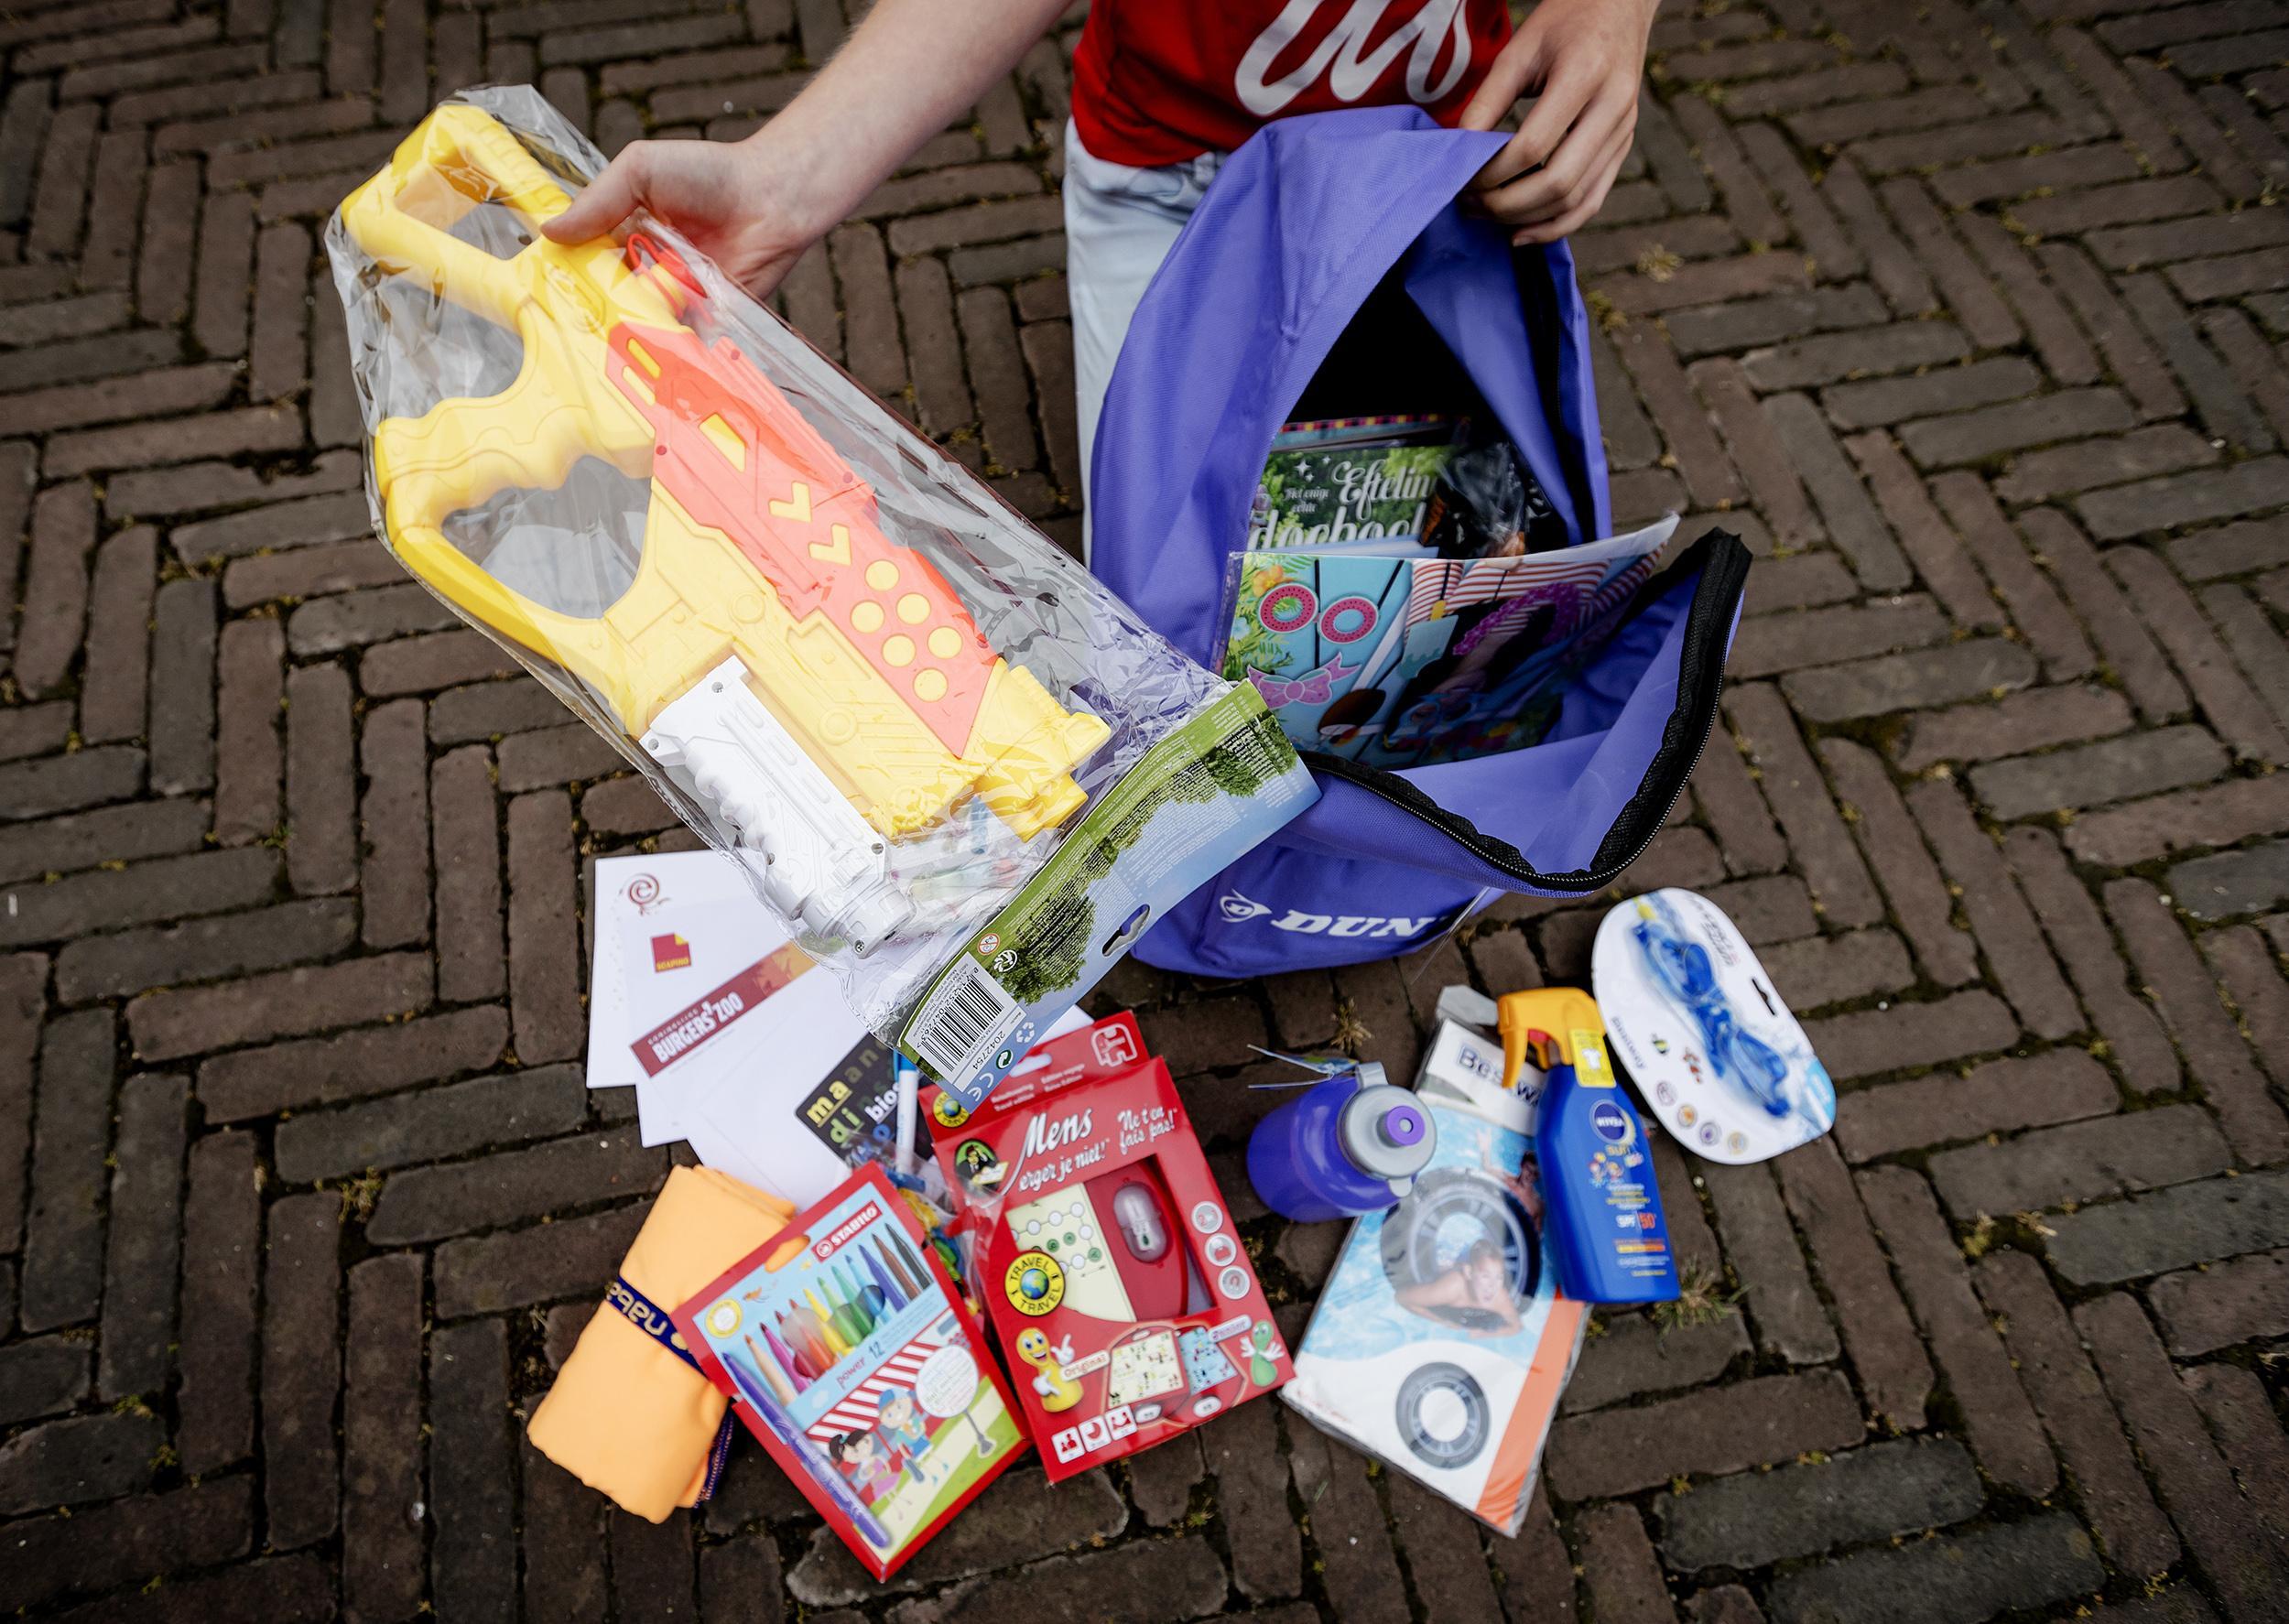 Eerste vakantiepretpakketten voor arme kinderen uitgedeeld in Hilversum